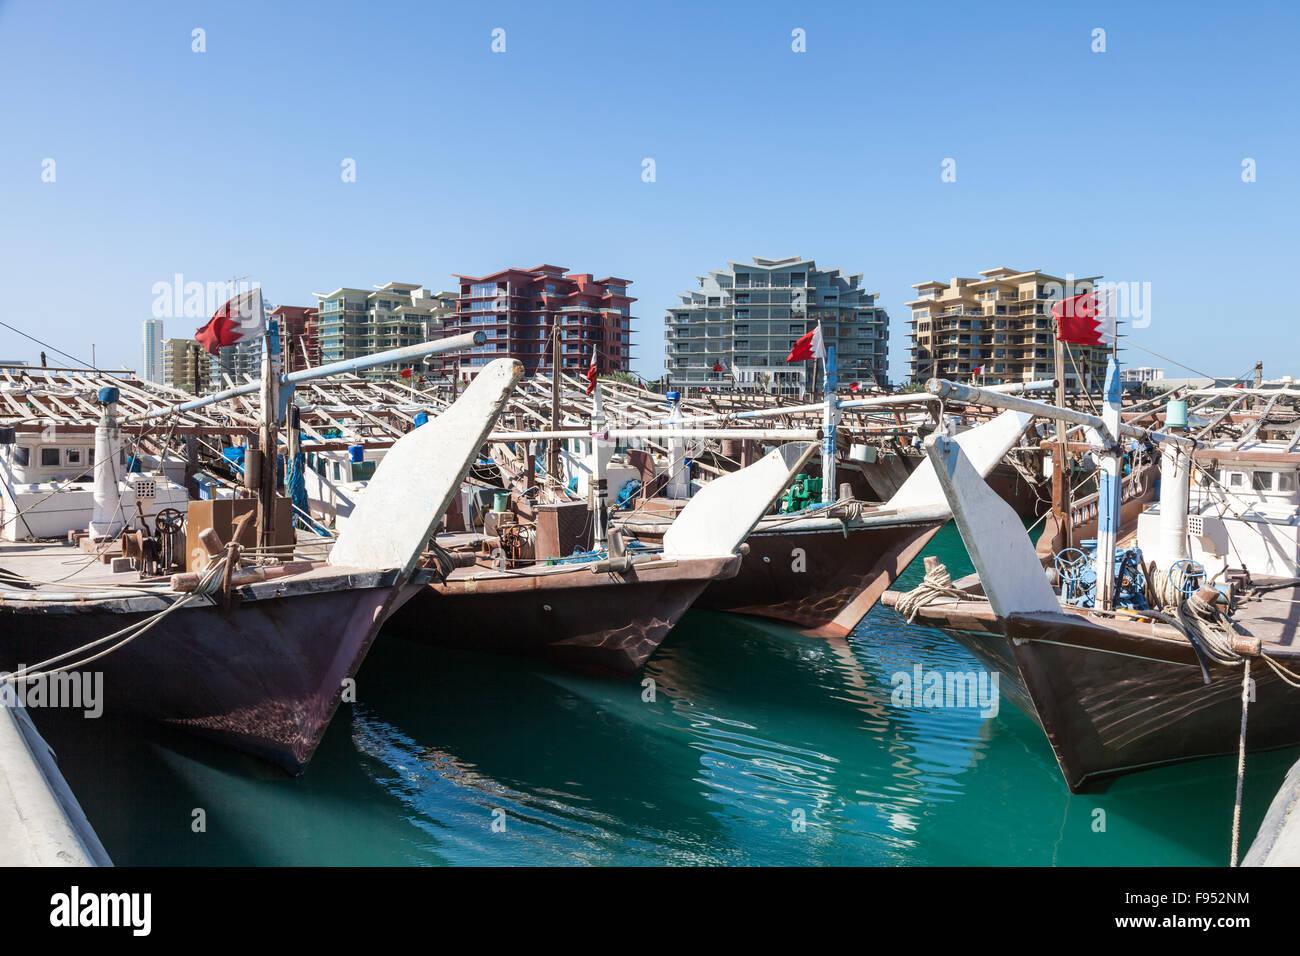 En Dhow harbor en Manama, Bahrein Imagen De Stock